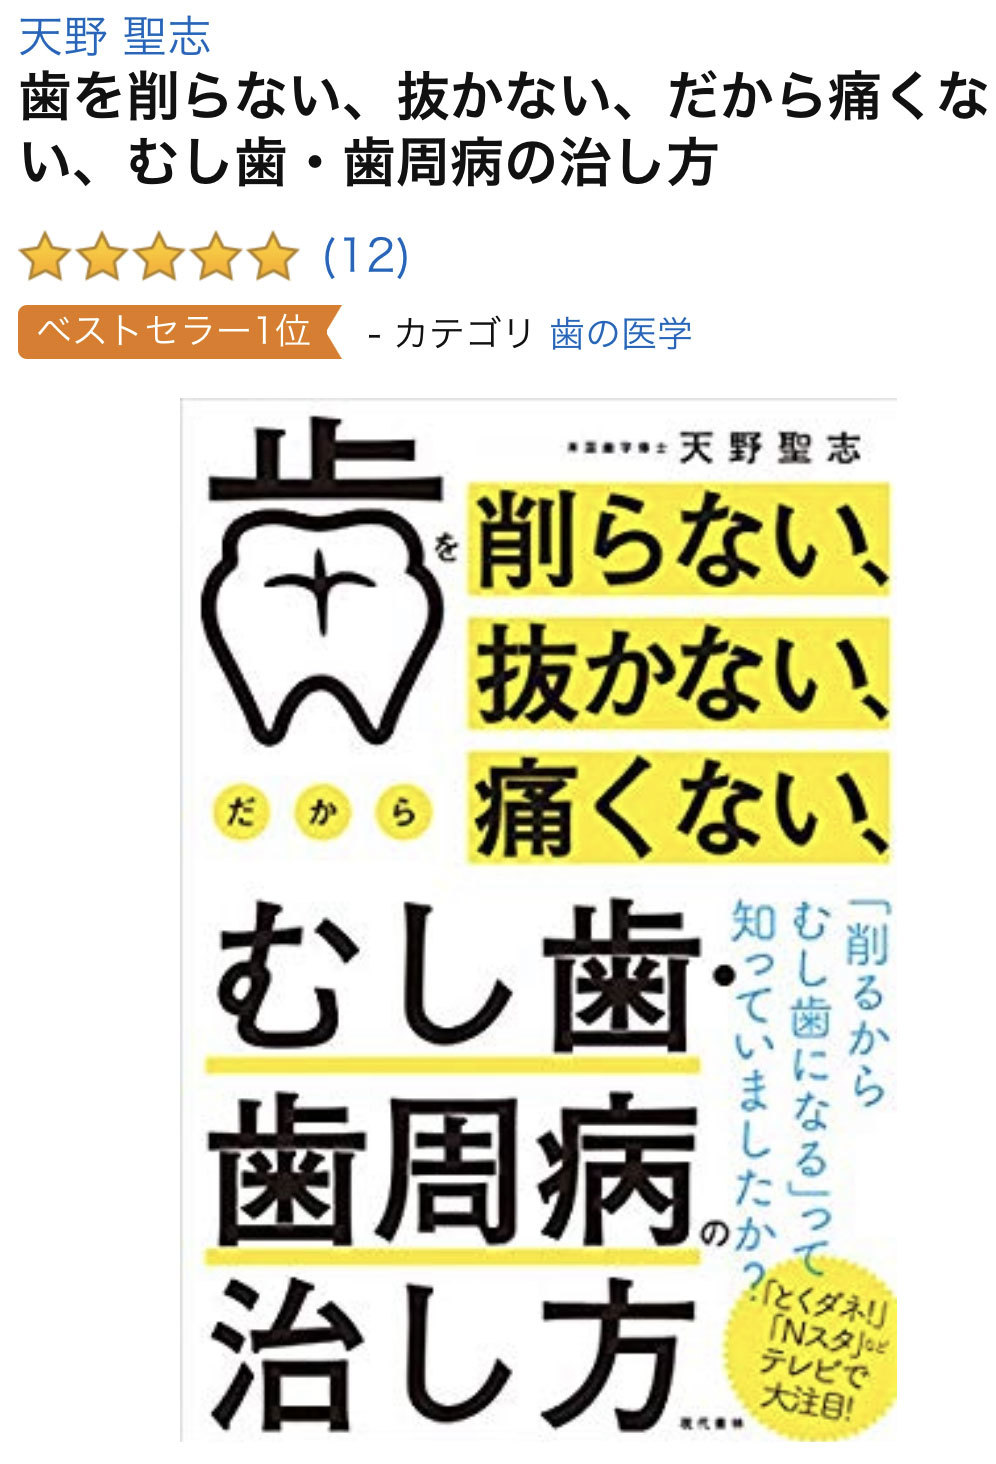 聖志 天野 未承認洗口液「コロナに効果」と販売 容疑の歯科医逮捕